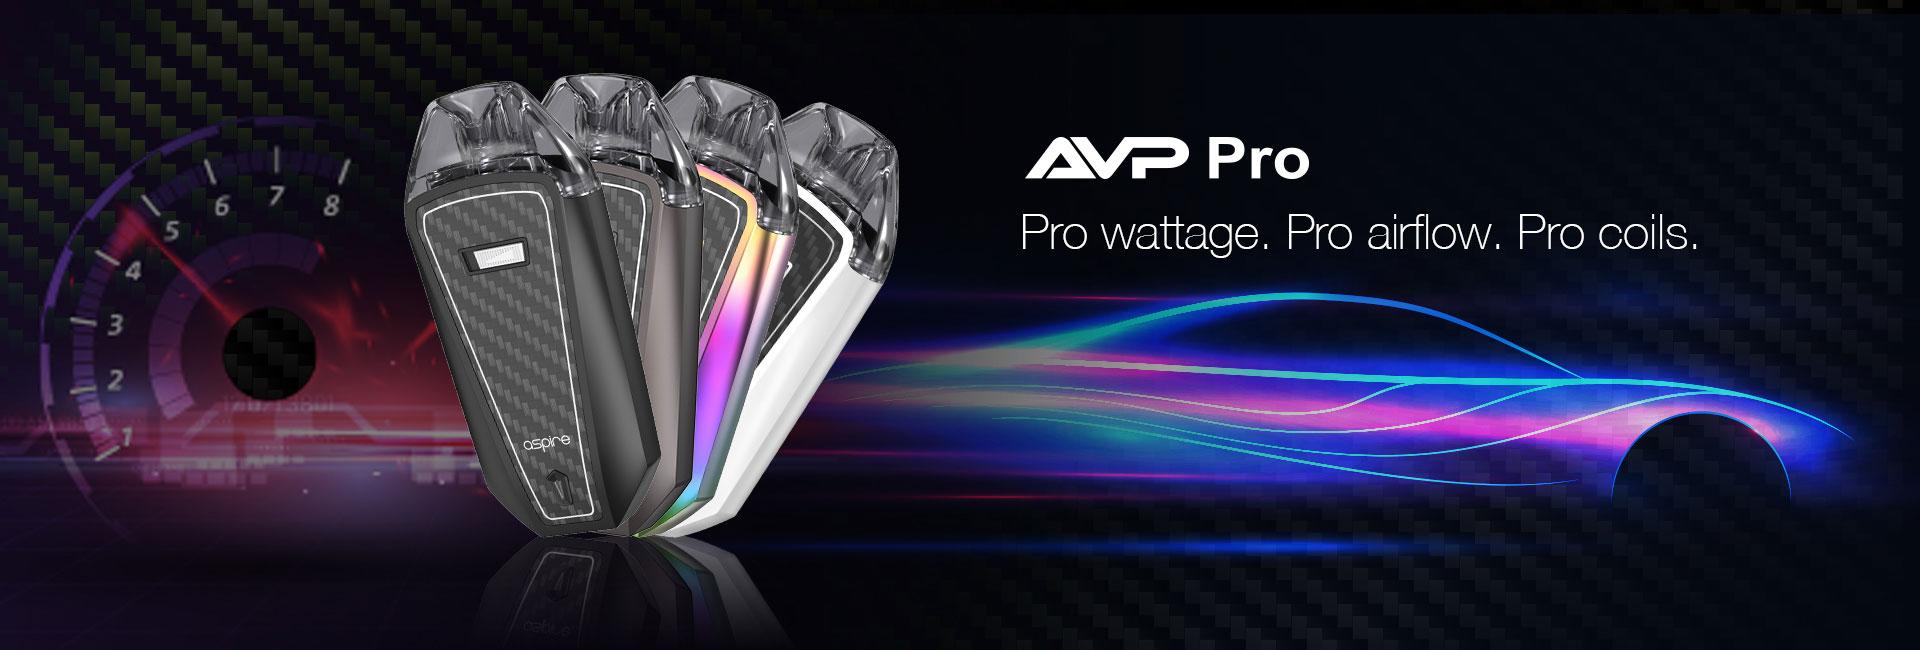 AVP Pro Kit, batteria più grande e design rinnovato (Anteprima)